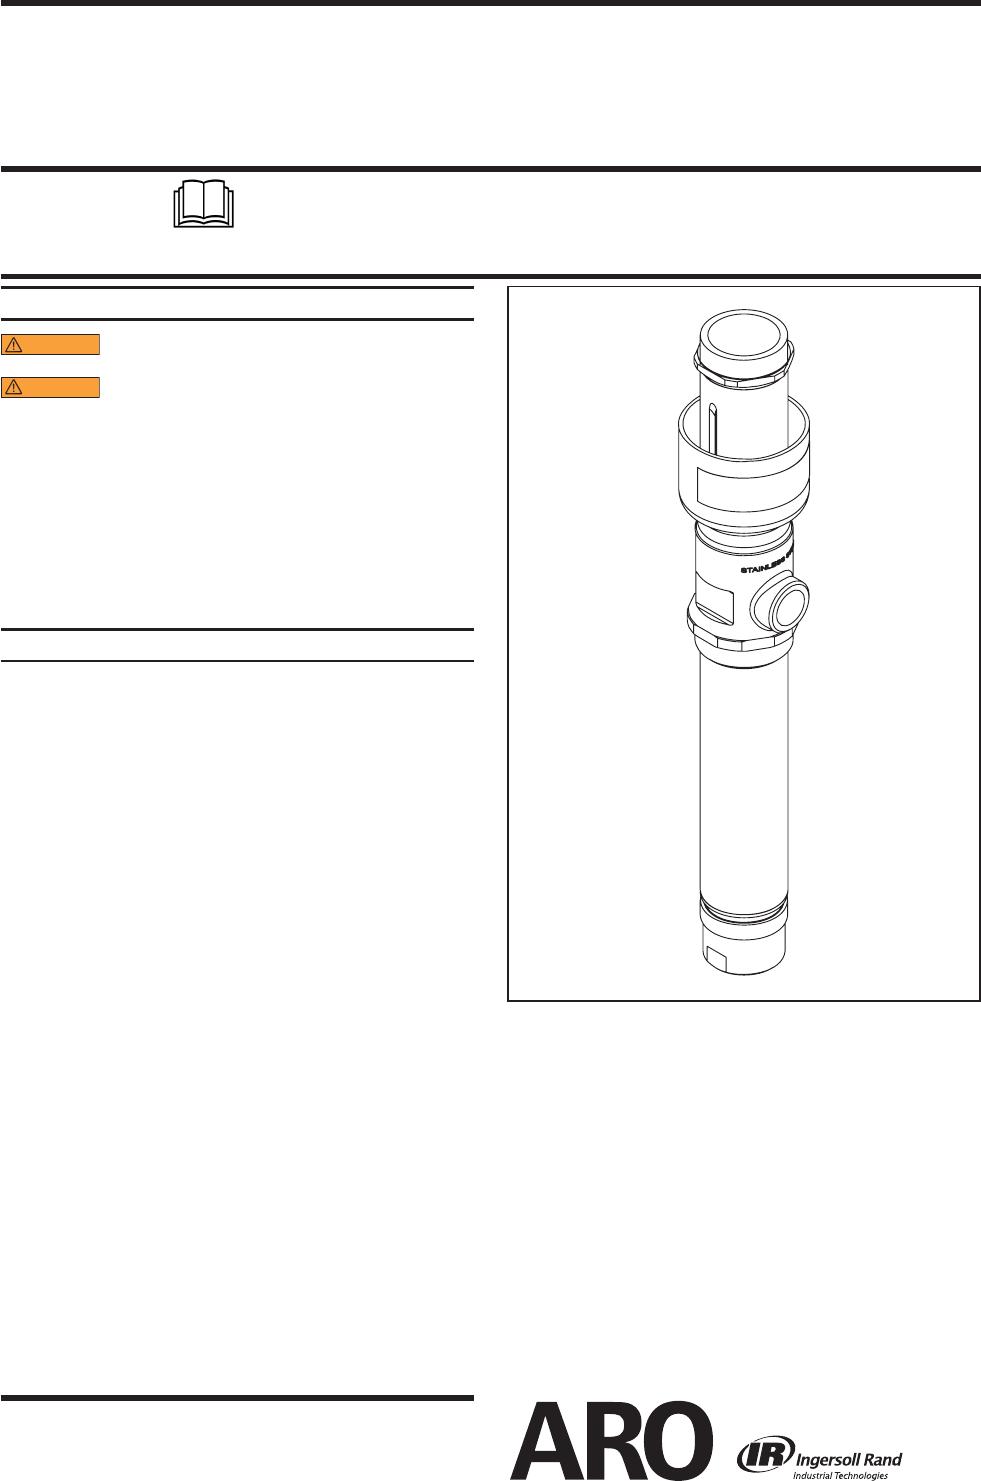 Ingersoll-Rand Heat Pump 1875CXXXXXX User Guide